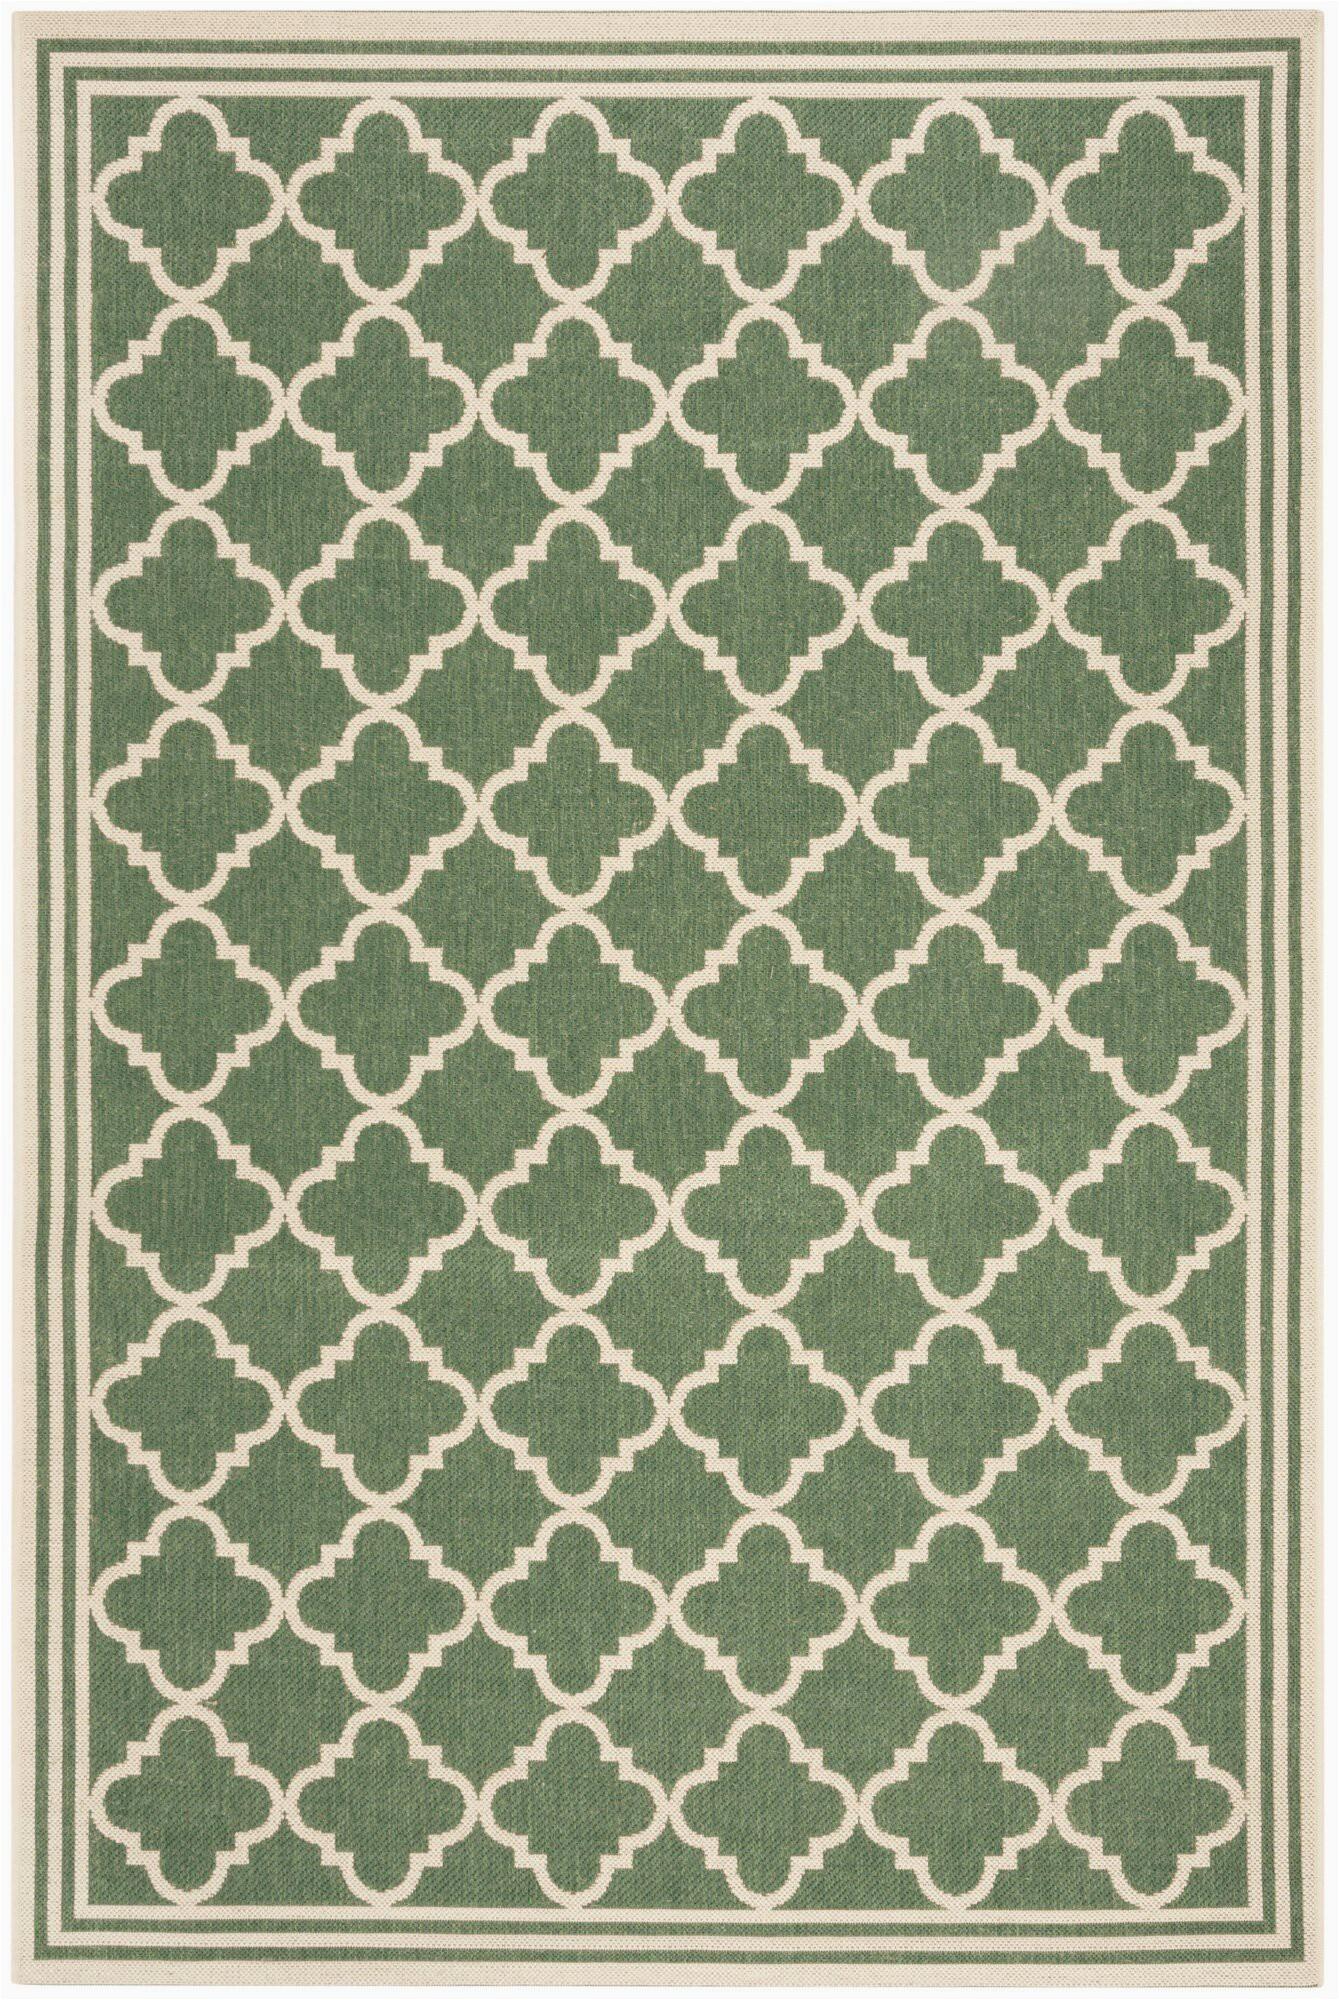 berardi greencream area rug